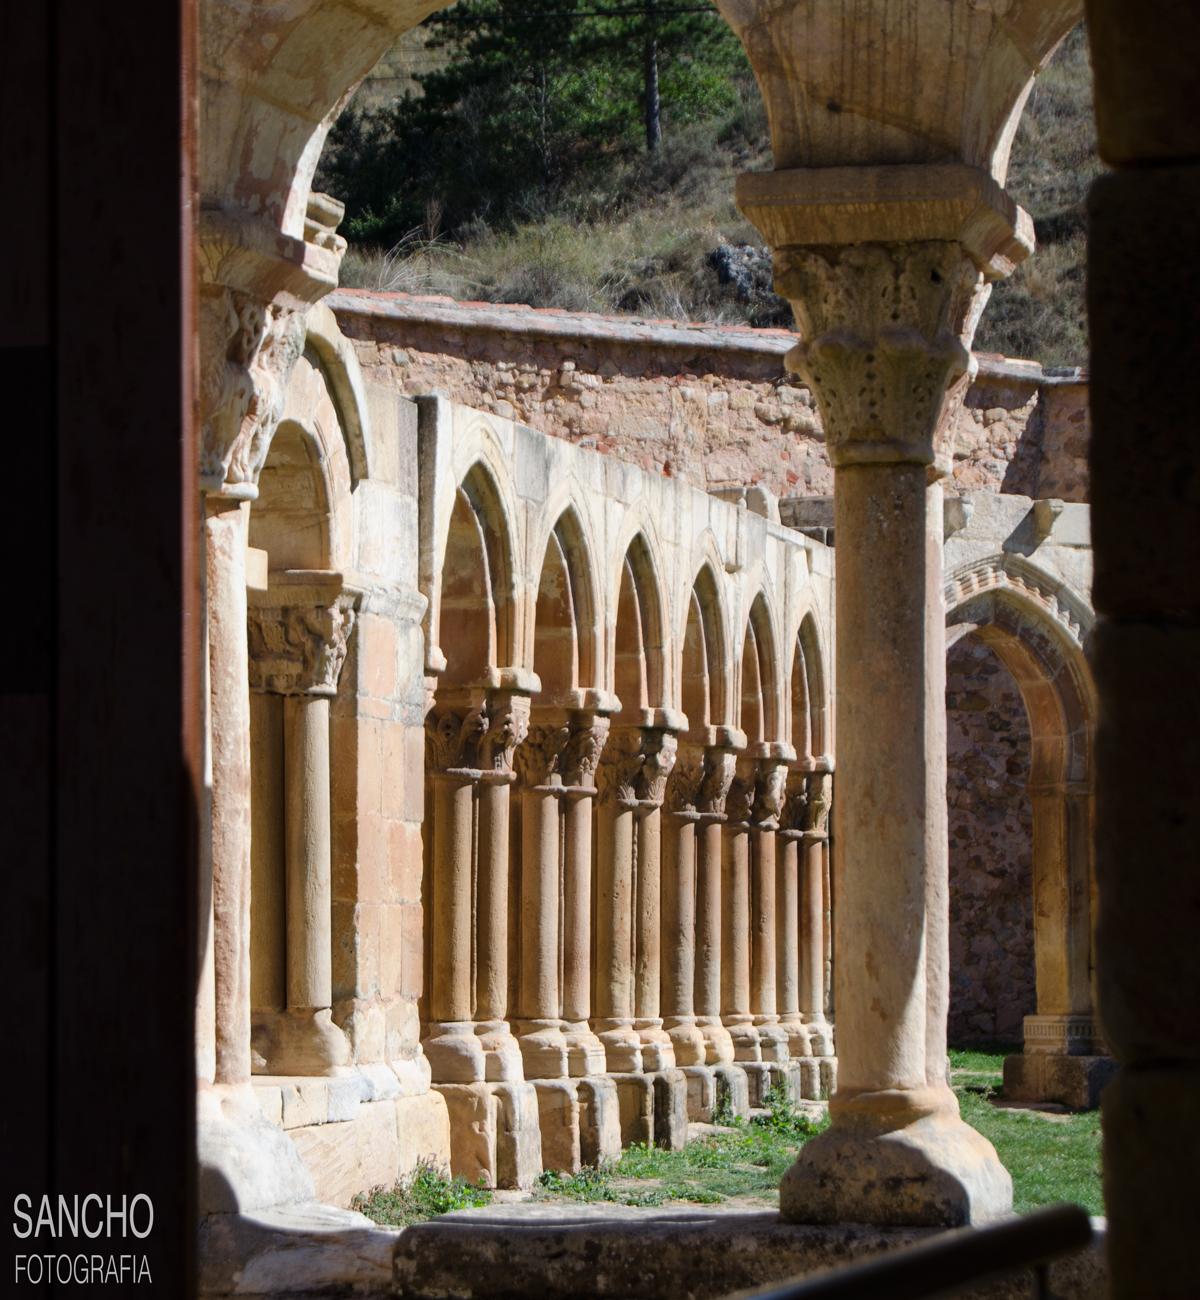 arte arquitectura medieval